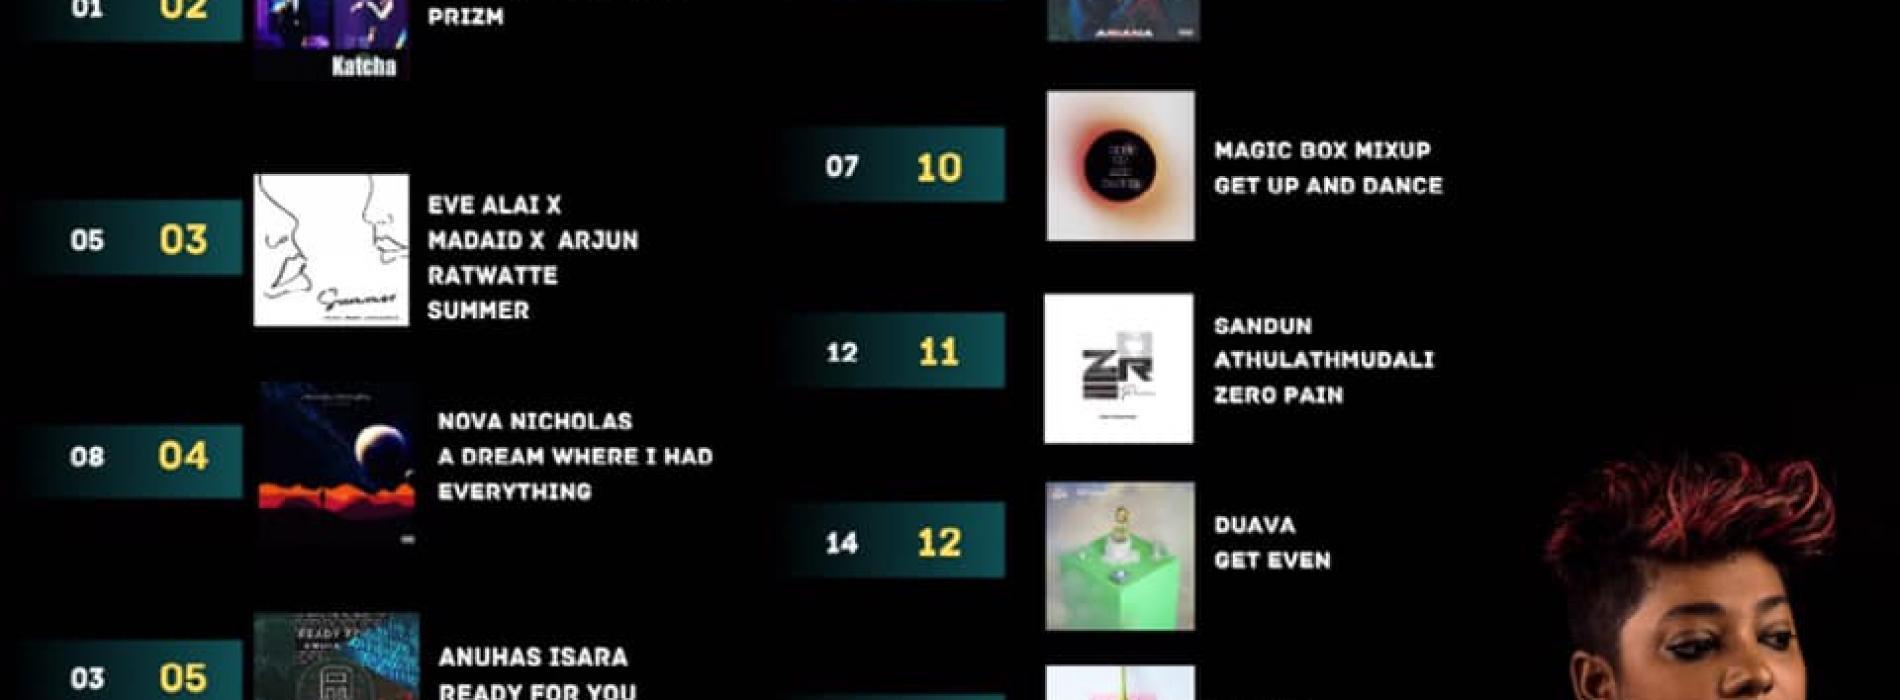 News : Nandun Hits Number 1 Again!